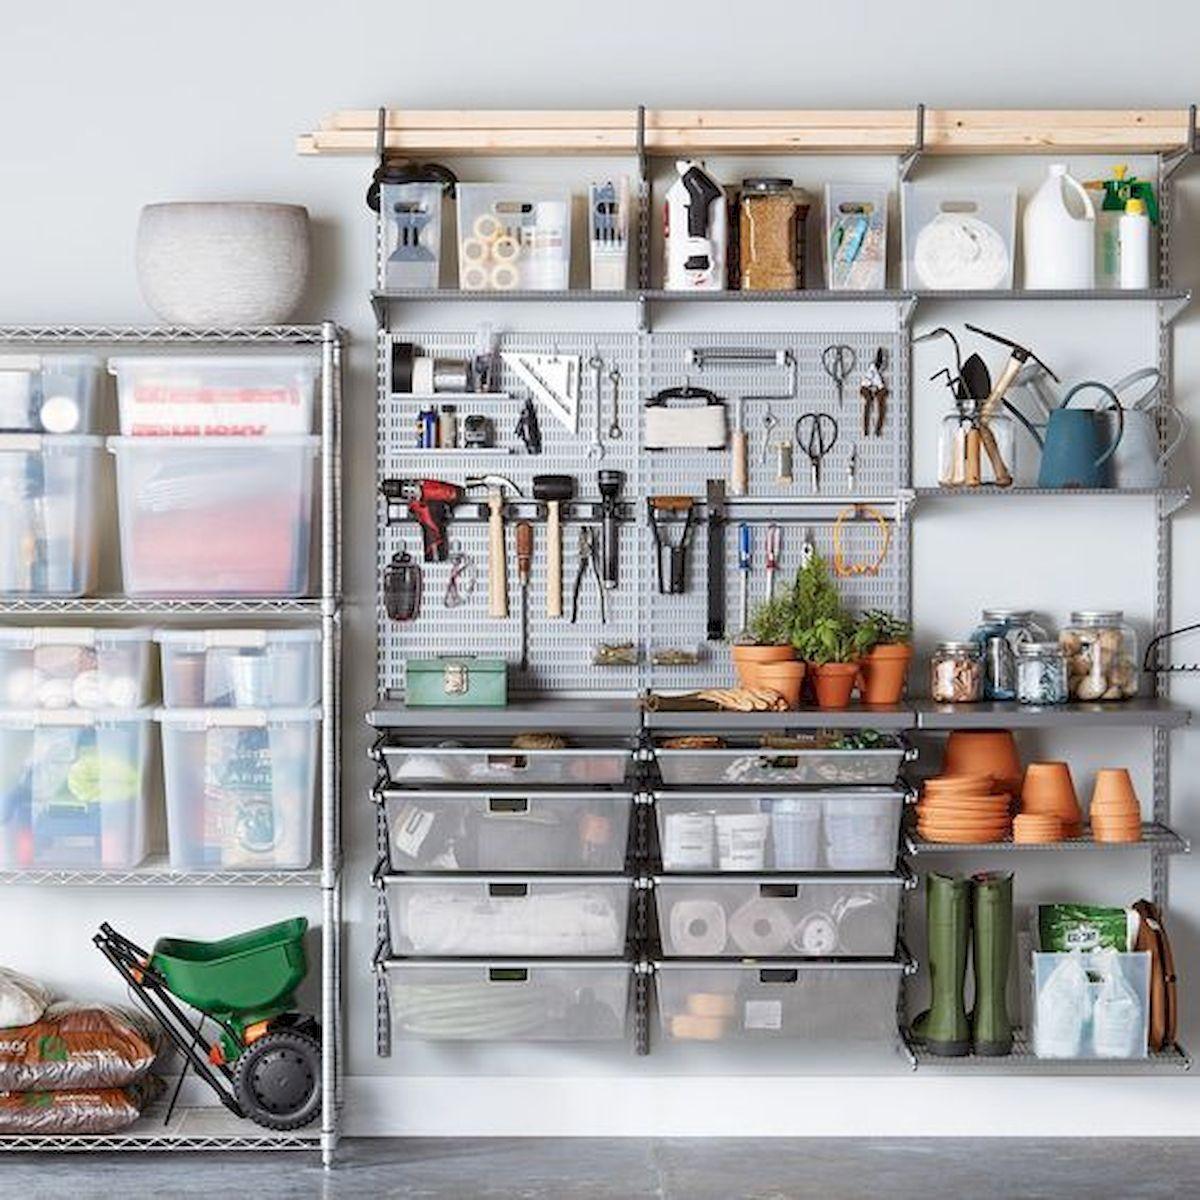 40 inspiring diy garage storage design ideas on a budget on inspiring diy garage storage design ideas on a budget to maximize your garage id=42325